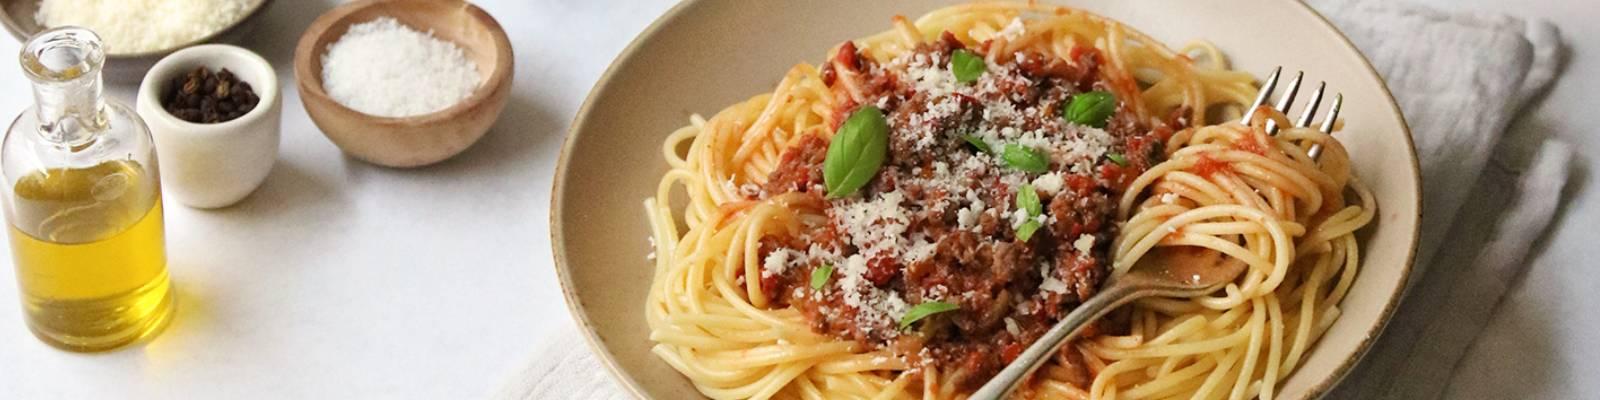 Pasta Garofalo - Spaghetti a la boloñesa